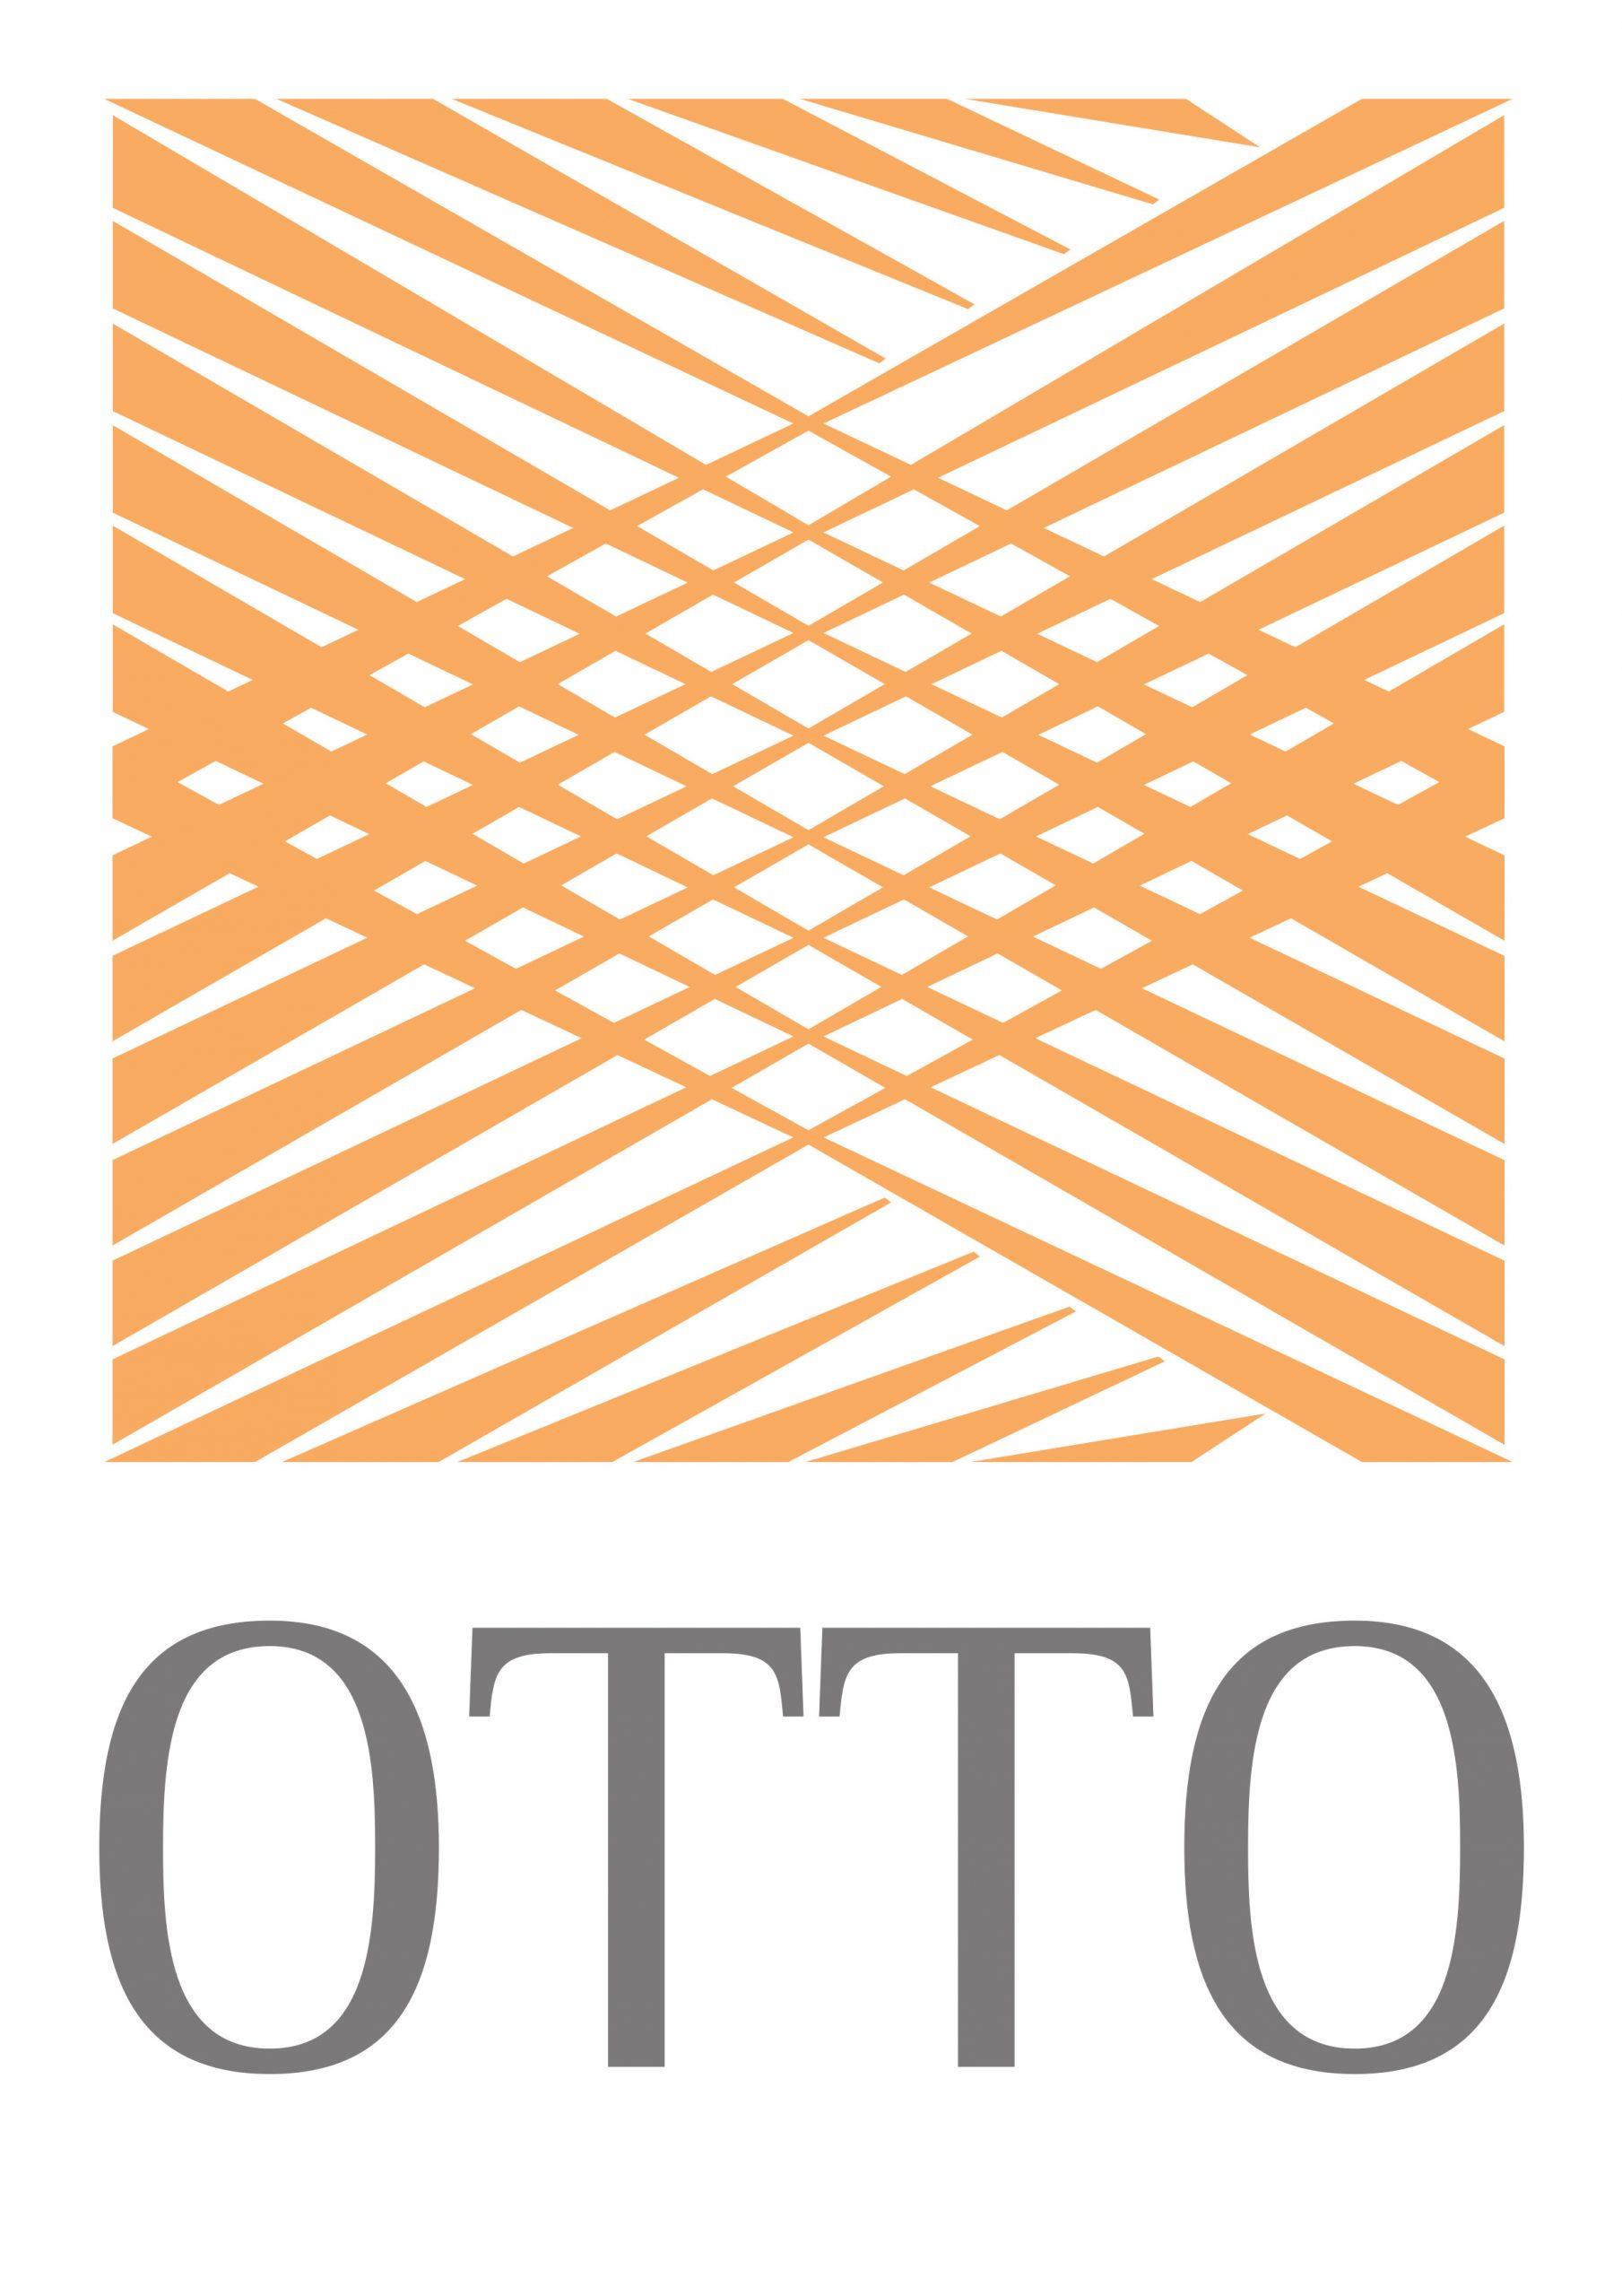 Gebrüder Otto GmbH & Co. KG